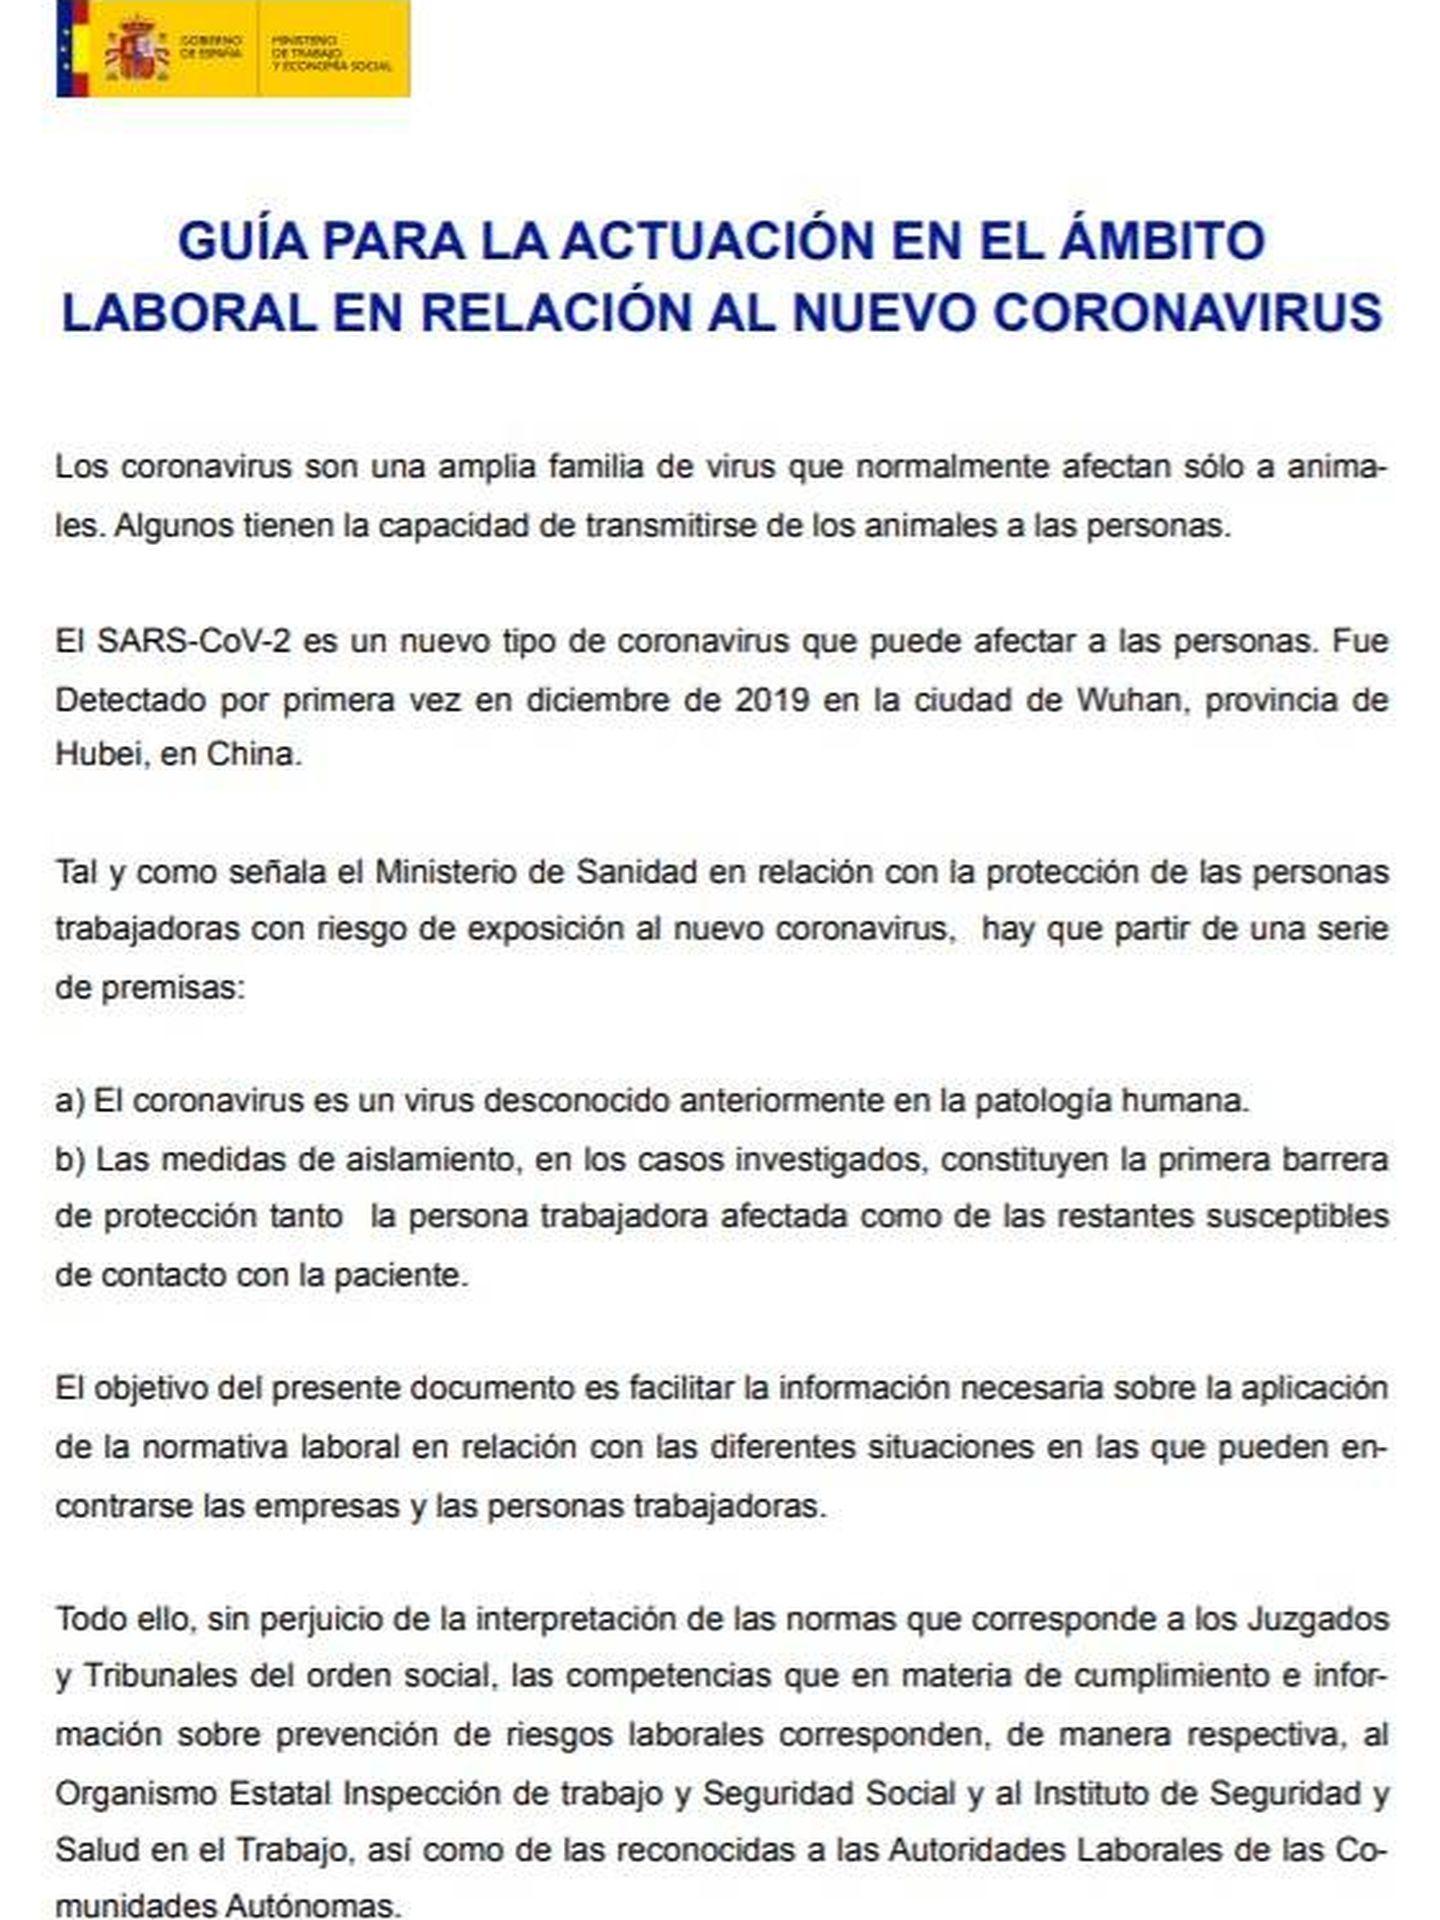 Guía de actuación frente al coronavirus publicada por el Ministerio de Trabajo y Economía Social.